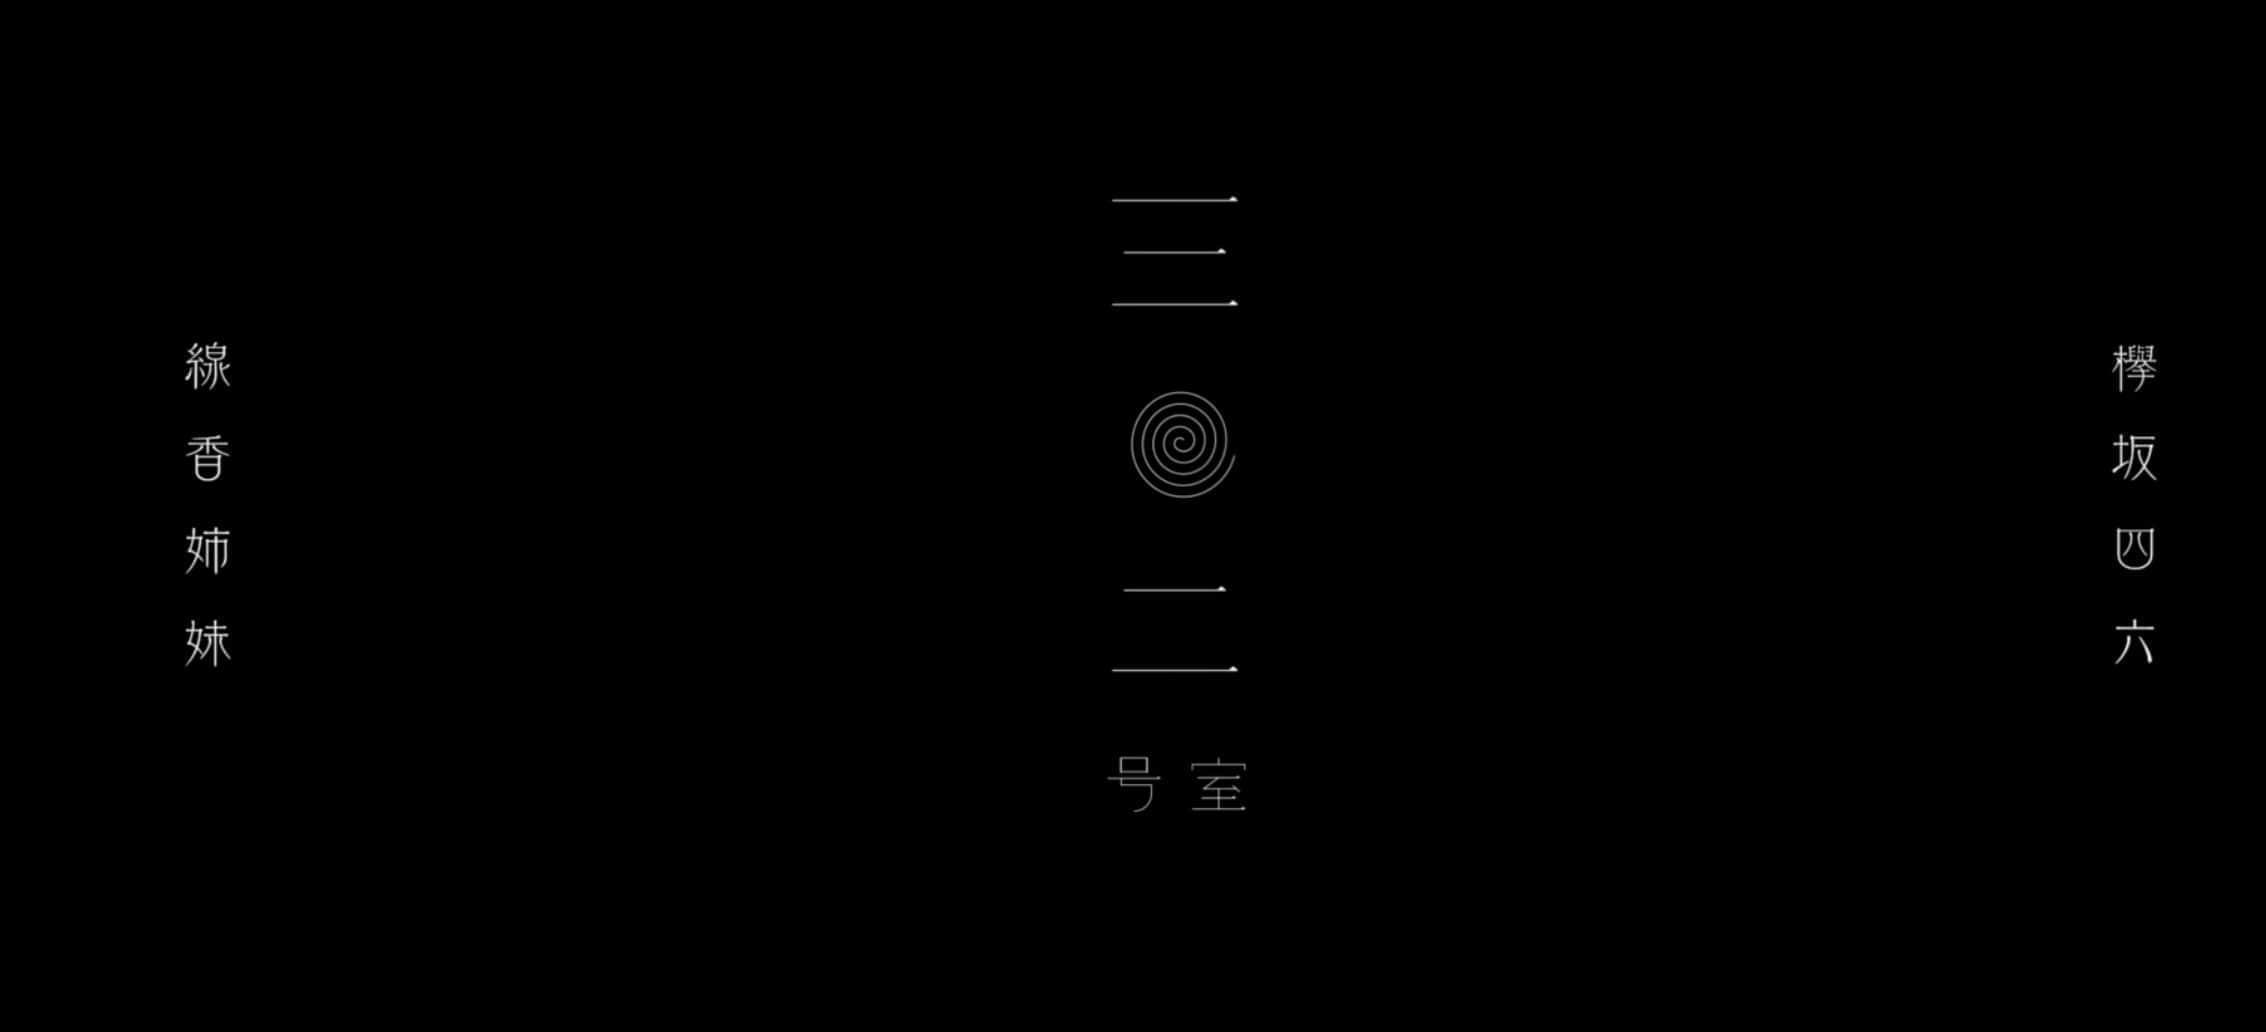 スクリーンショット 2018-08-08 12.15.04